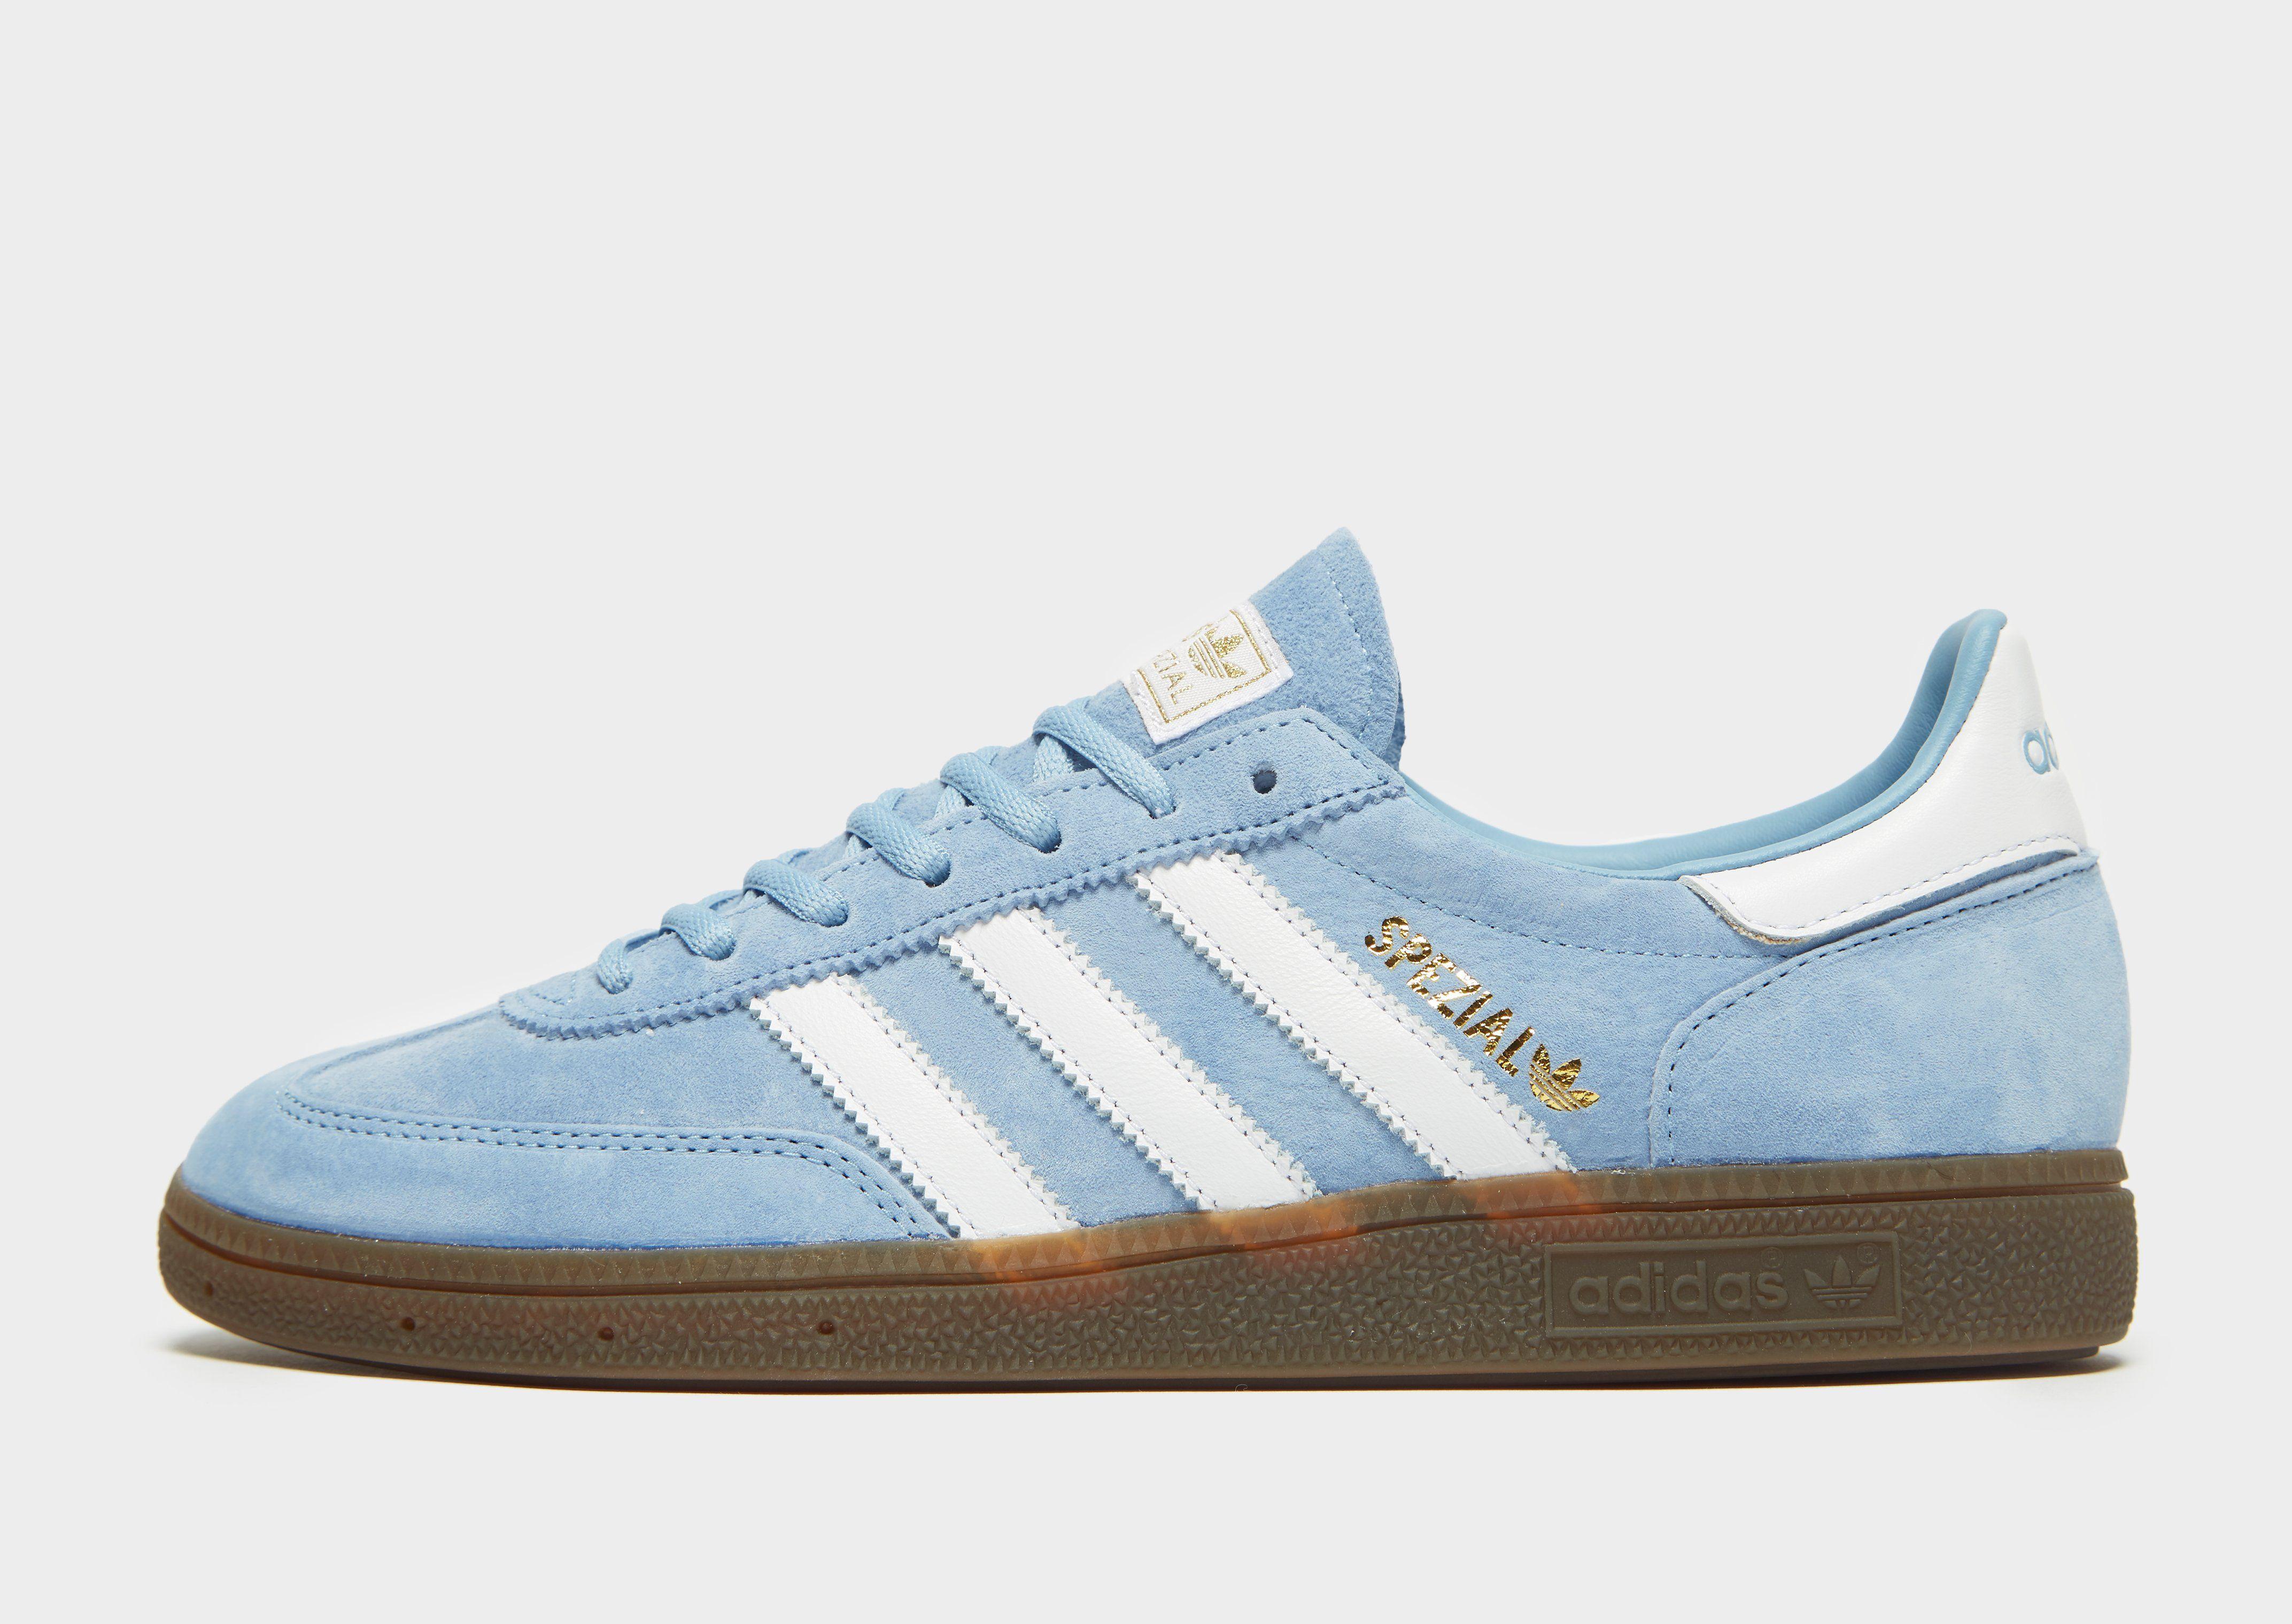 Adidas Originali Spezial Jd Sports